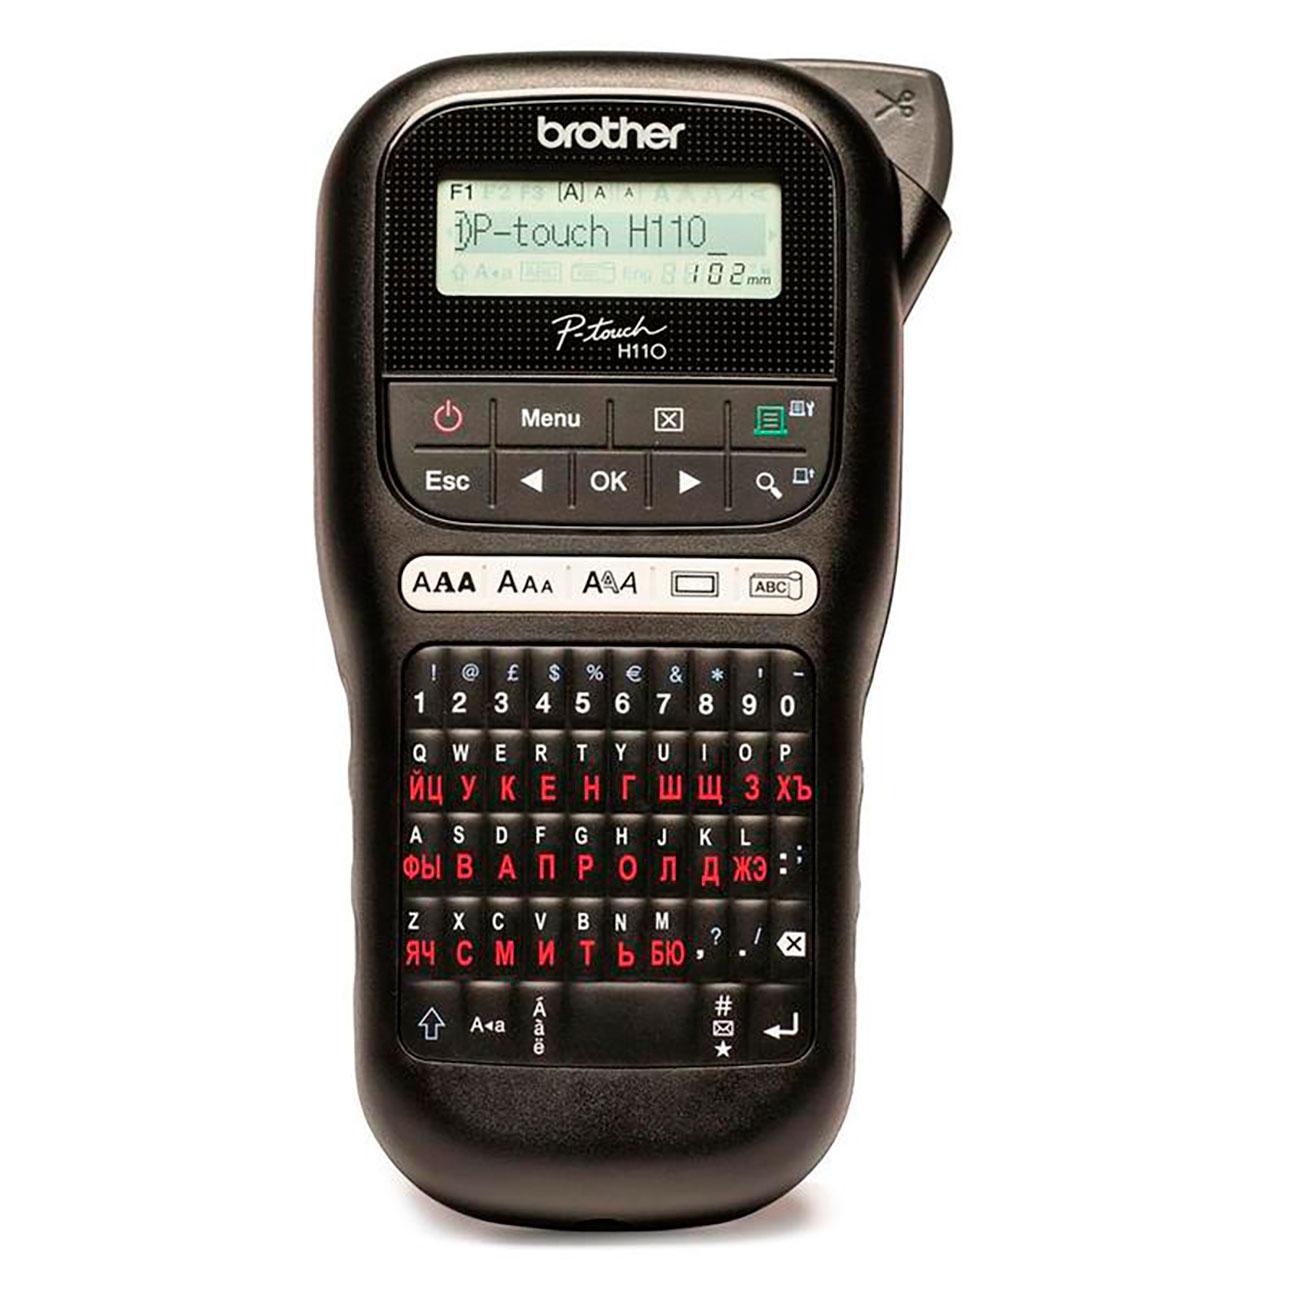 Фото Принтер для печати этикеток Brother PT-H110 + 5 кассет {PTH110R1BUND} (1)